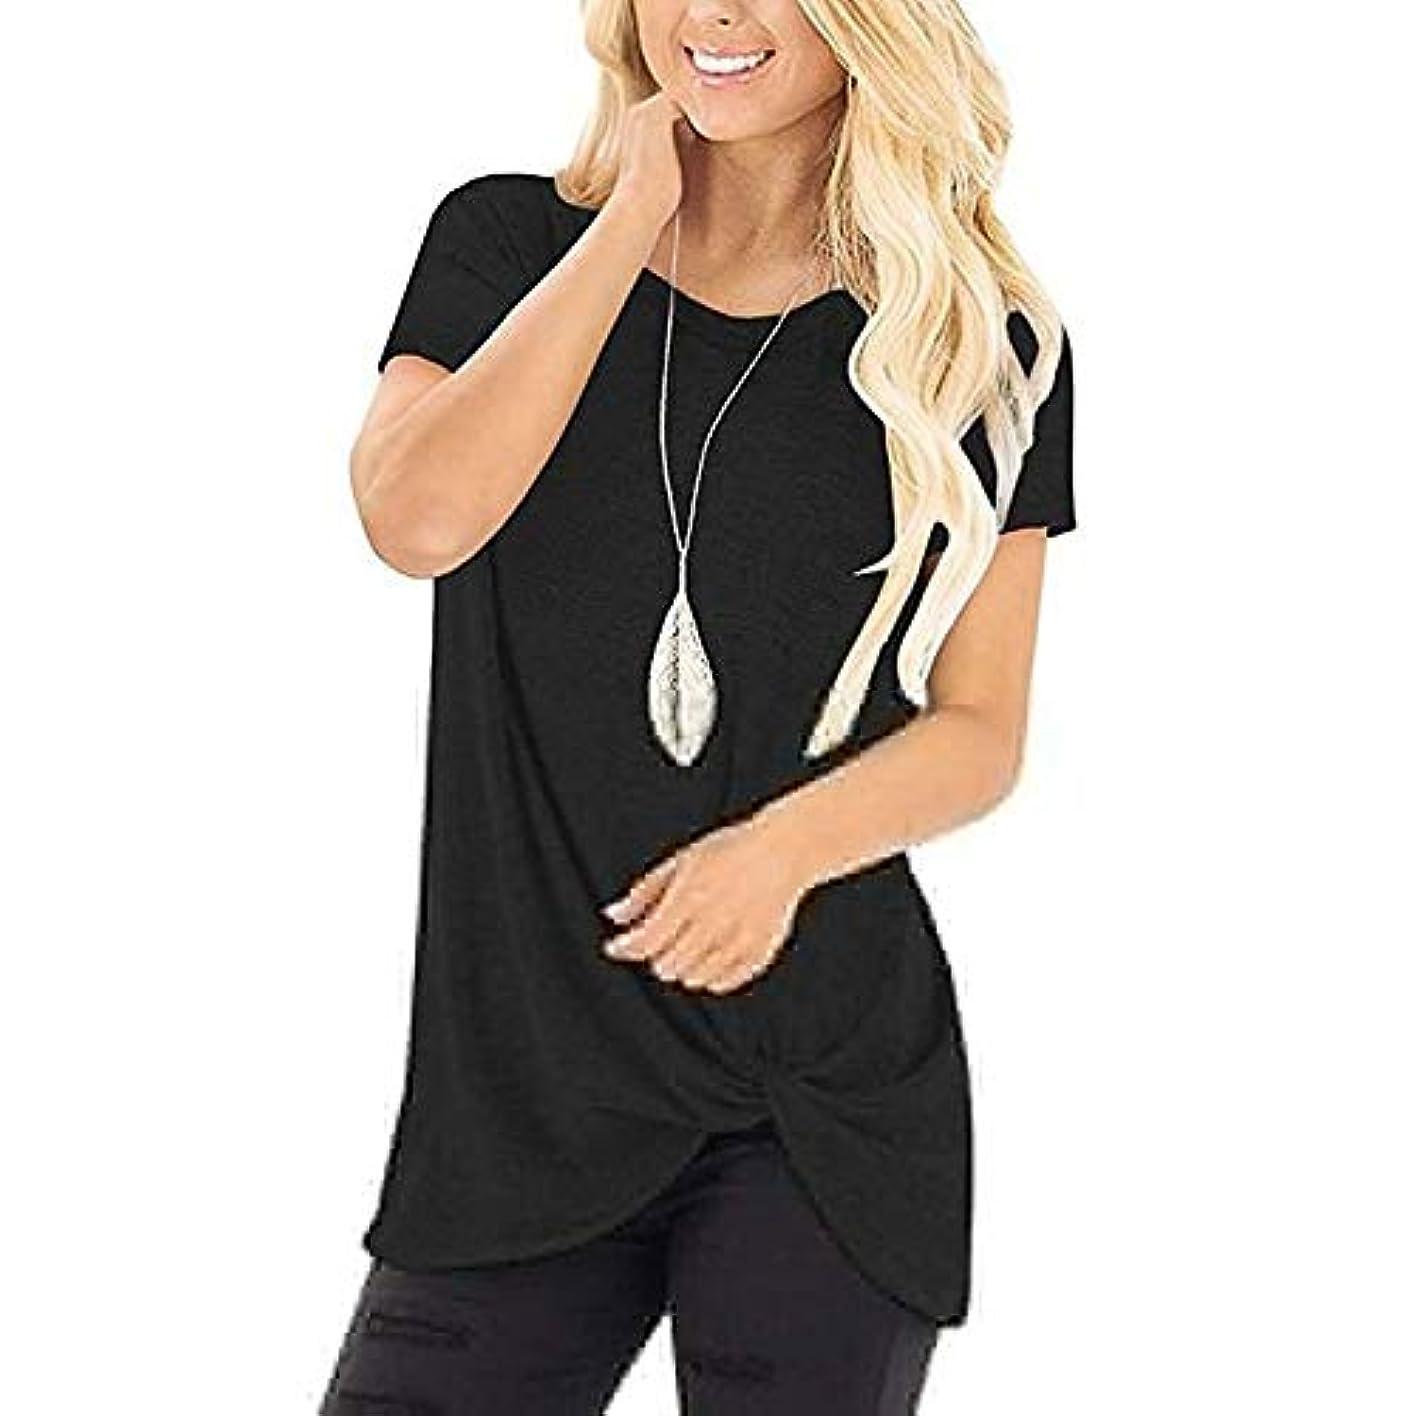 反対にズームインするテンションMIFAN コットンTシャツ、カジュアルTシャツ、レディースブラウス、トップス&Tシャツ、プラスサイズ、ルーズtシャツ